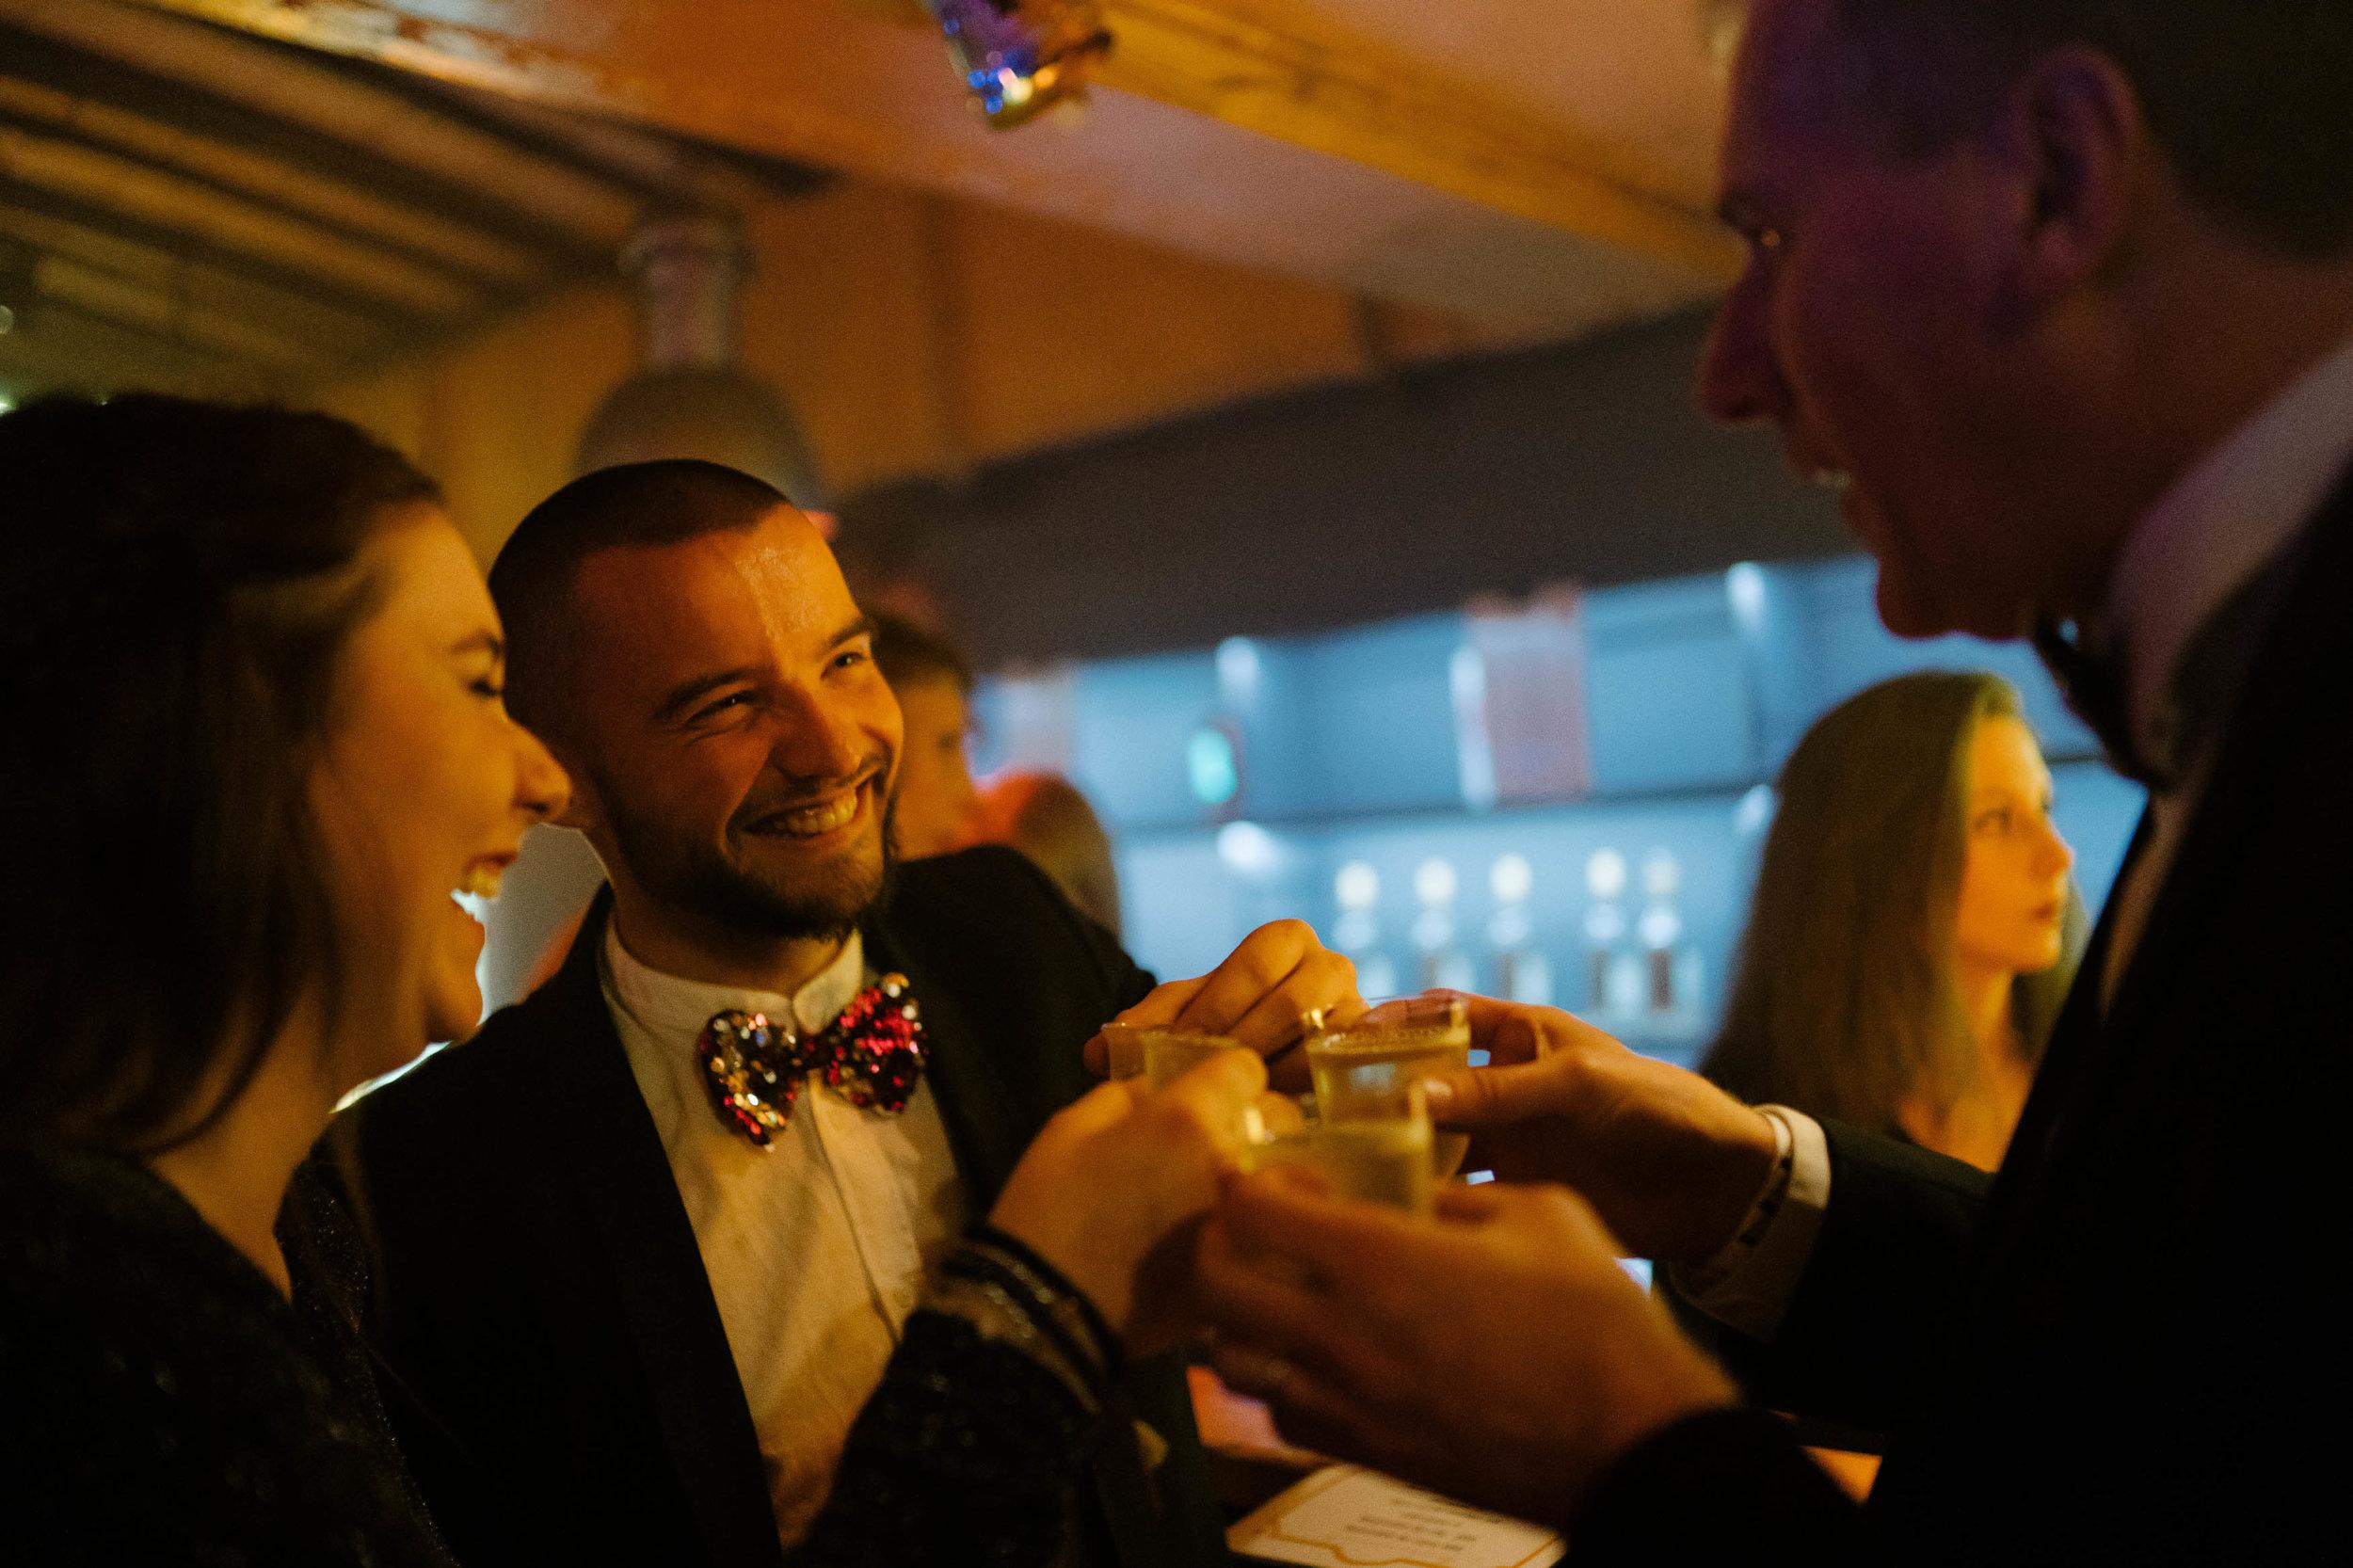 photographe-vidéaste-event-portrait-mariage-5.jpg